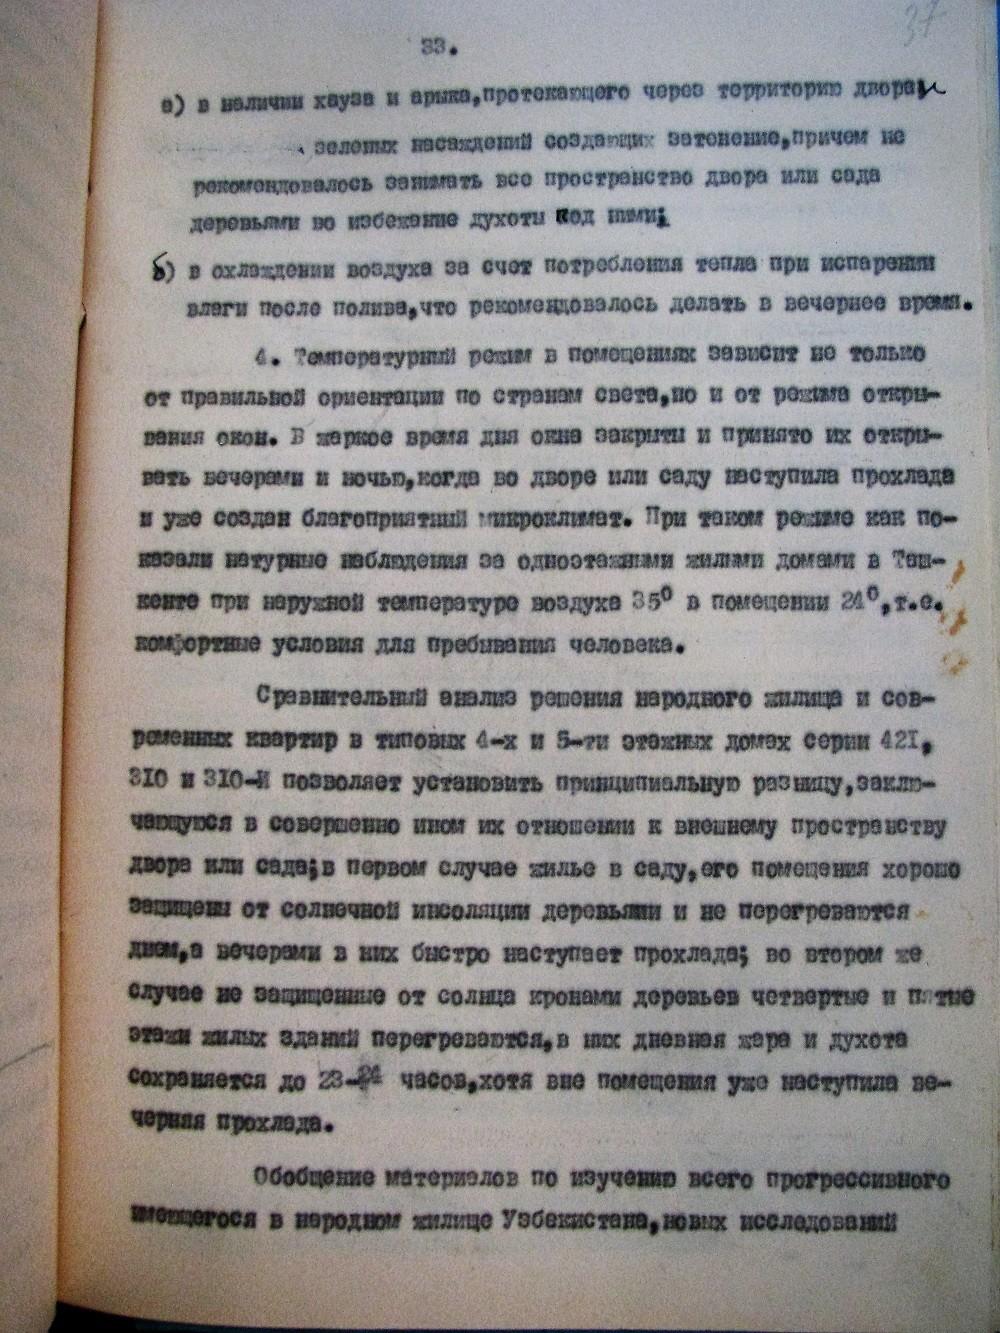 tashkent-1960-45